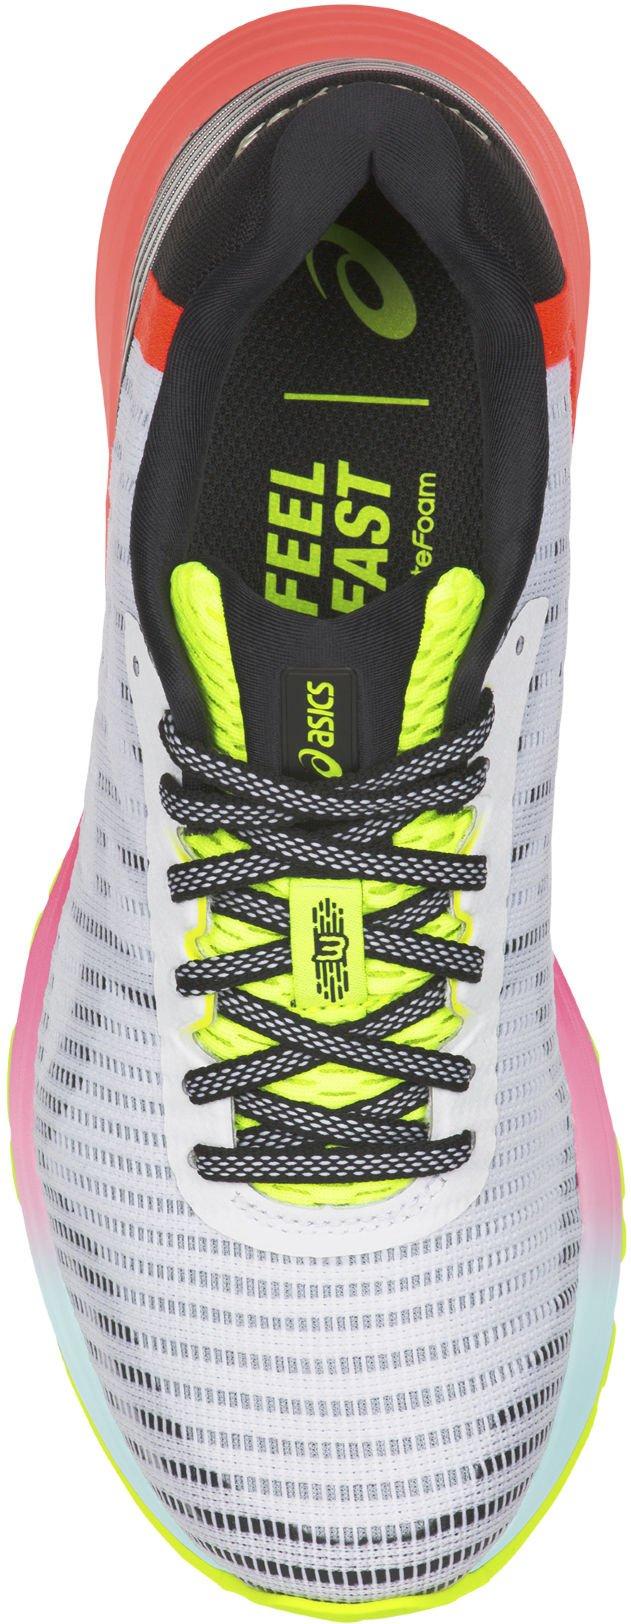 Running shoes Asics DynaFlyte 3 SP